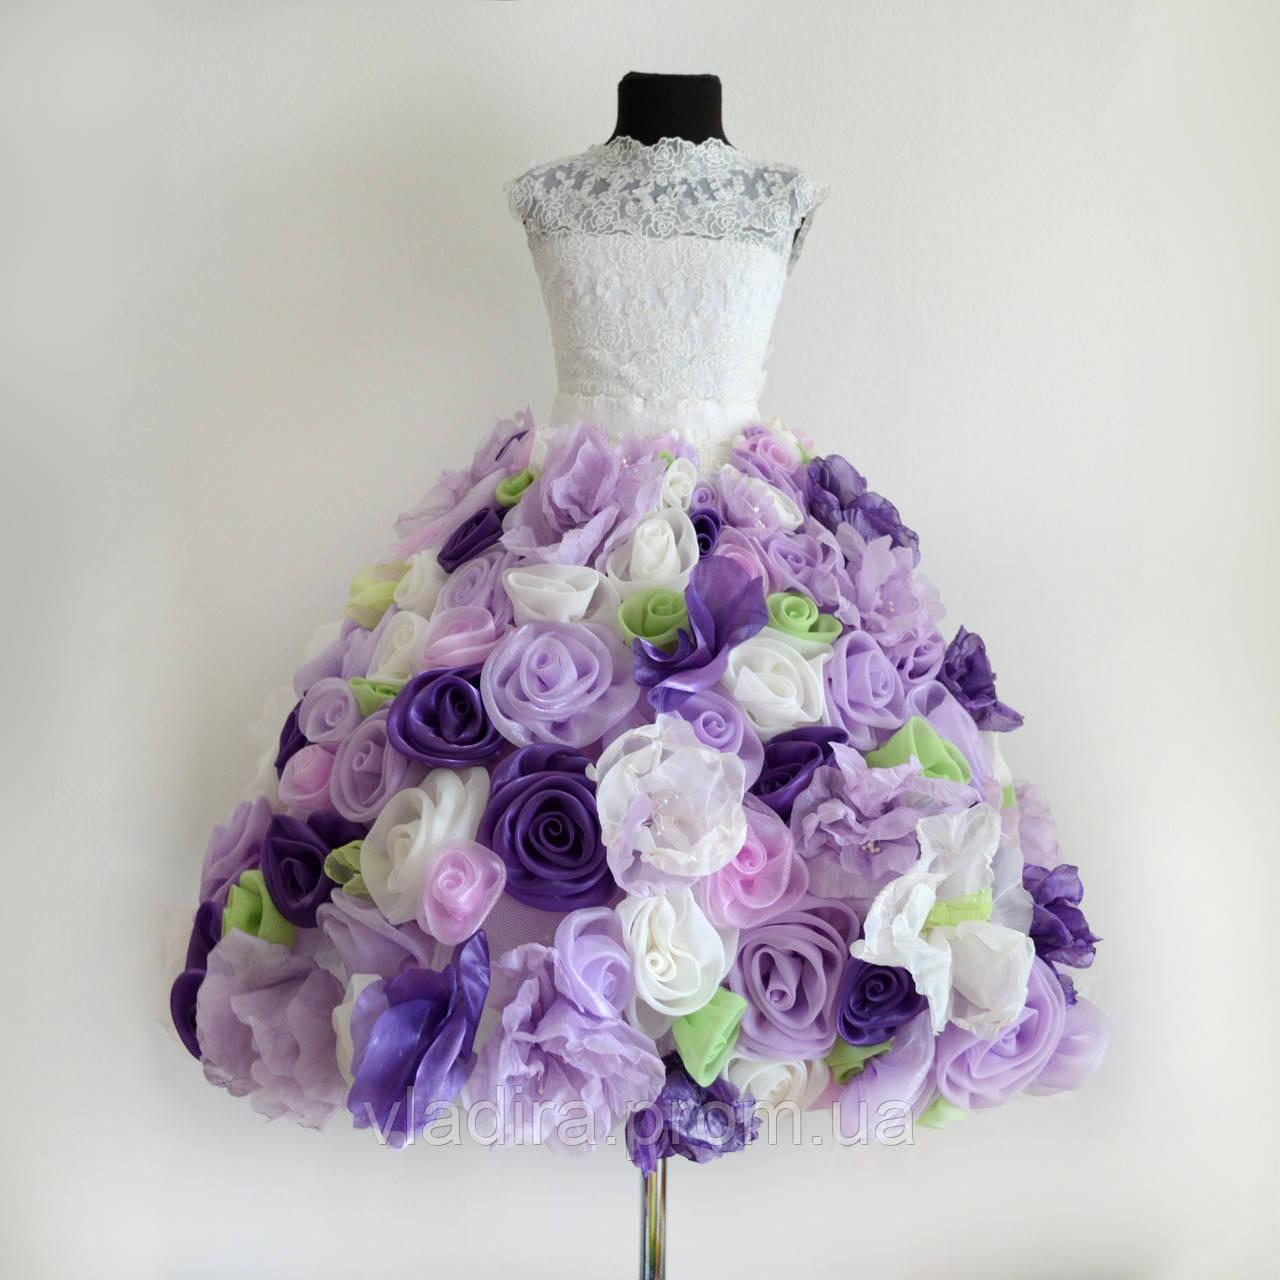 Платья королевы цветов